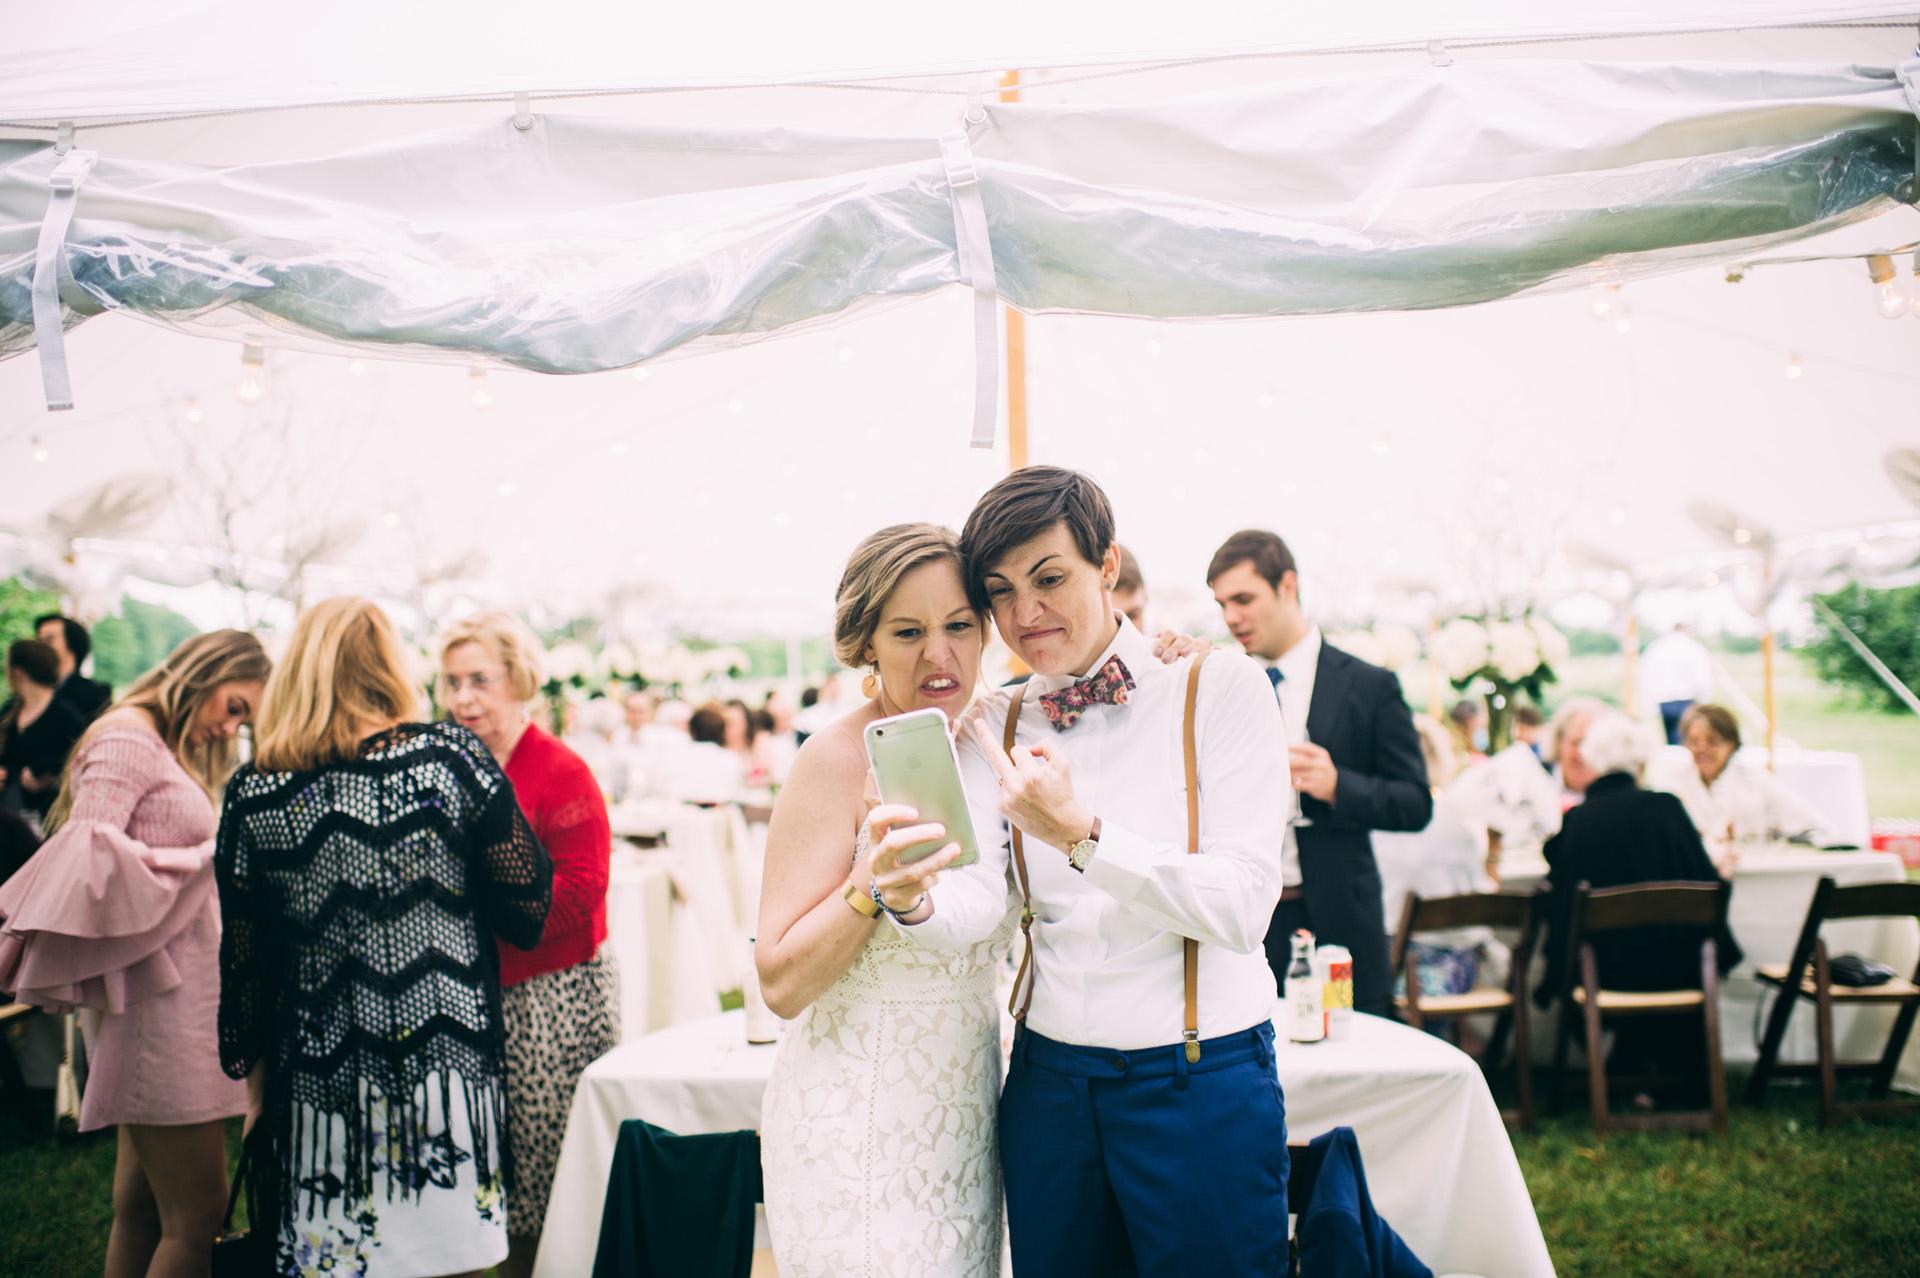 broadturn-farm-wedding-73